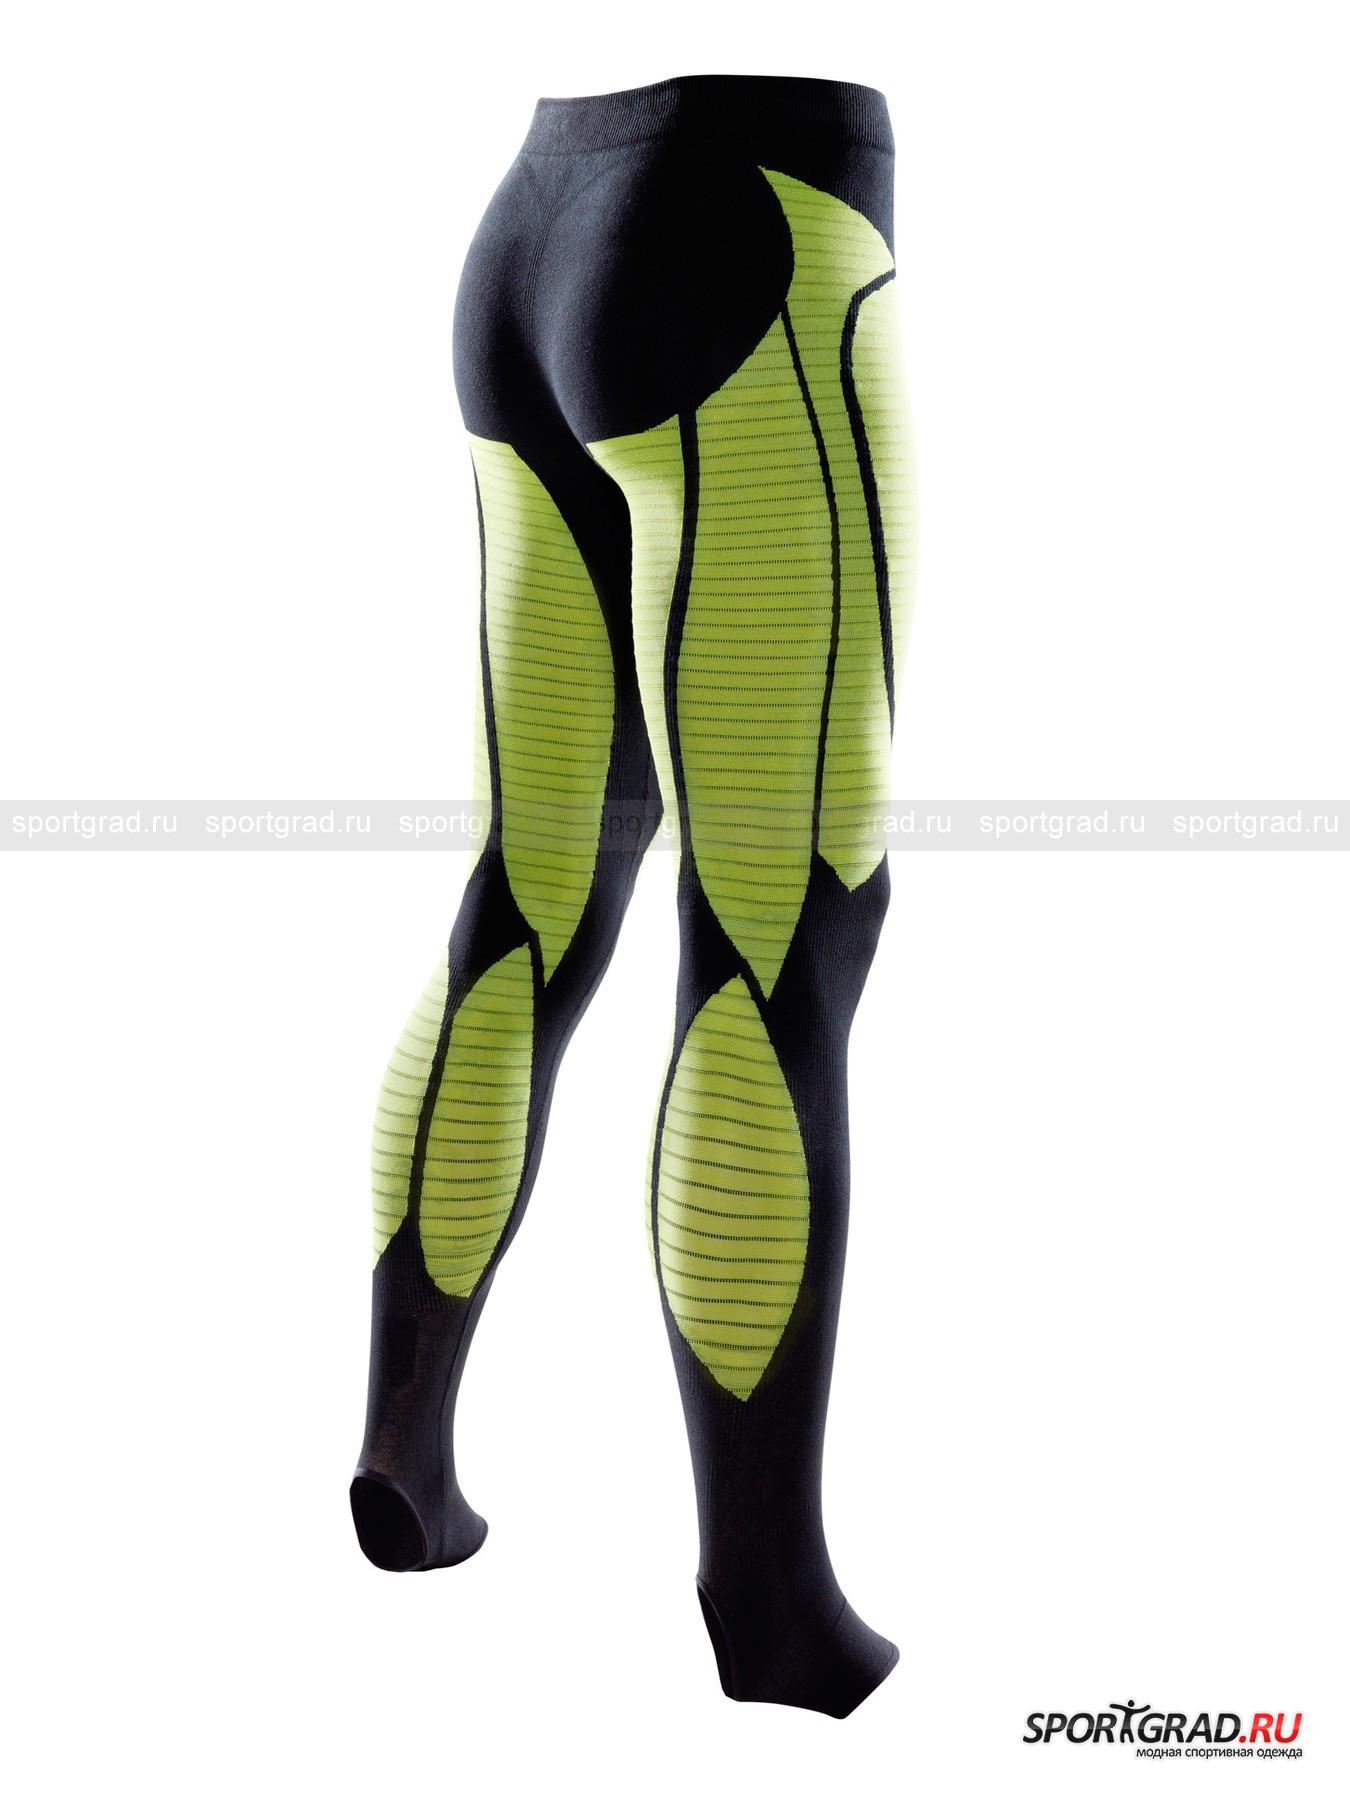 Белье: термолеггинсы мужские Precuperation Pant long X-BIONIC для сна и отдыха от Спортград